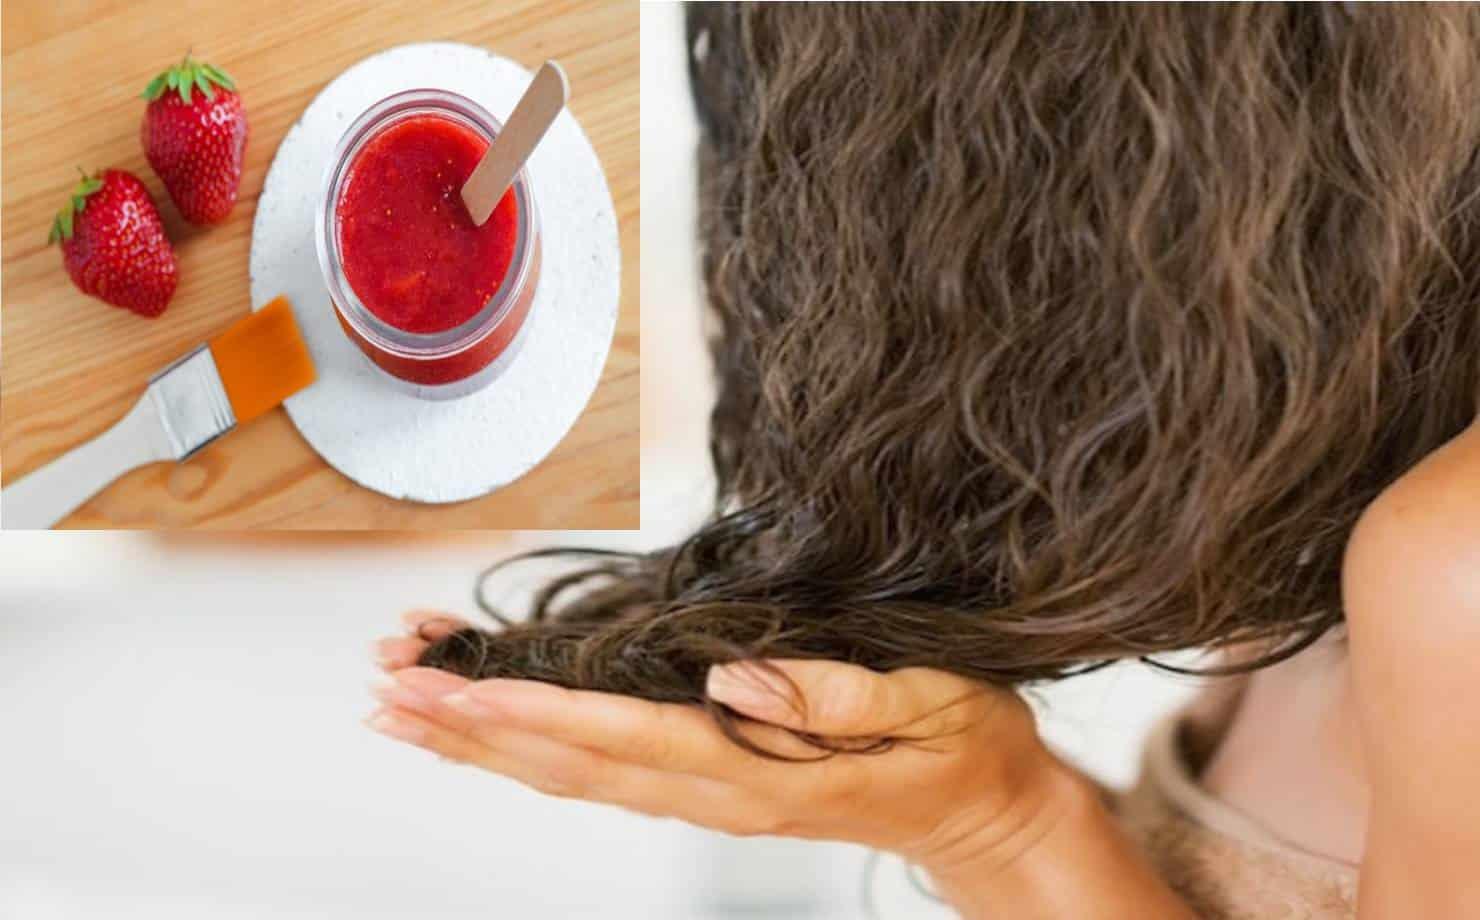 Combata o frizz e deixe seu cabelo macio com esta máscara de morango